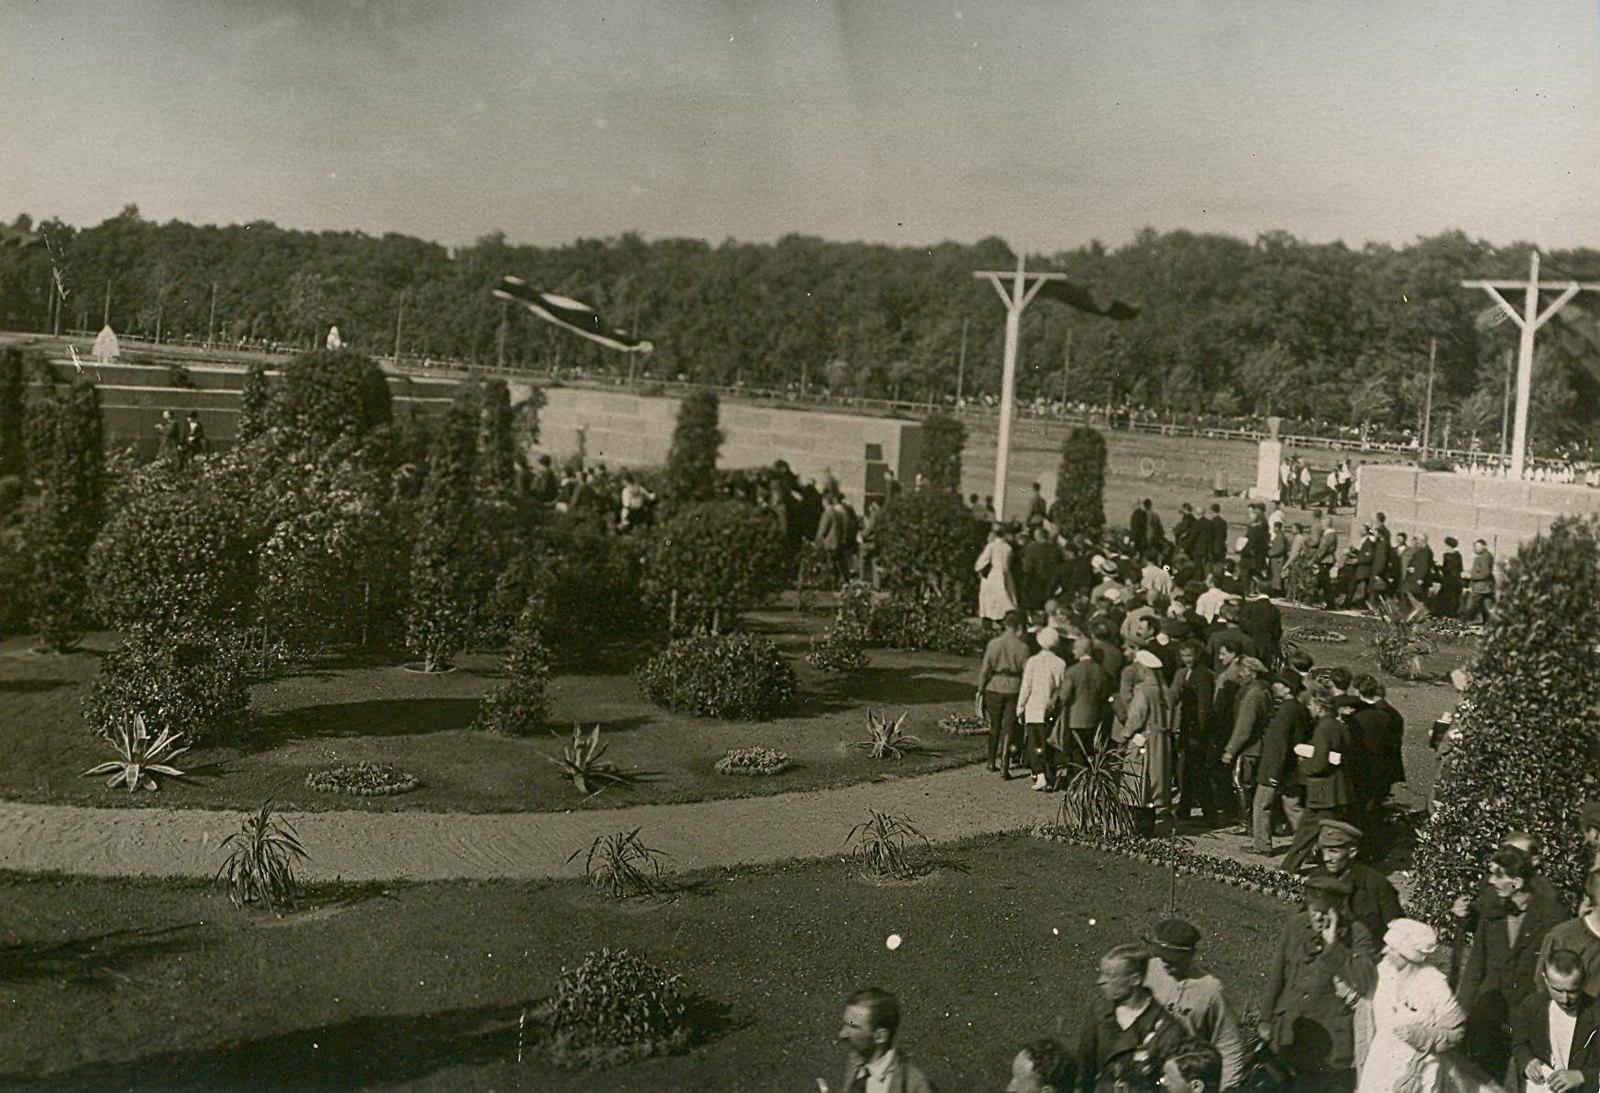 24. 1920. 19 июля. Манифестация на площади Жертв Революции (Марсово поле) во время торжественного открытия II конгресса Коминтерна